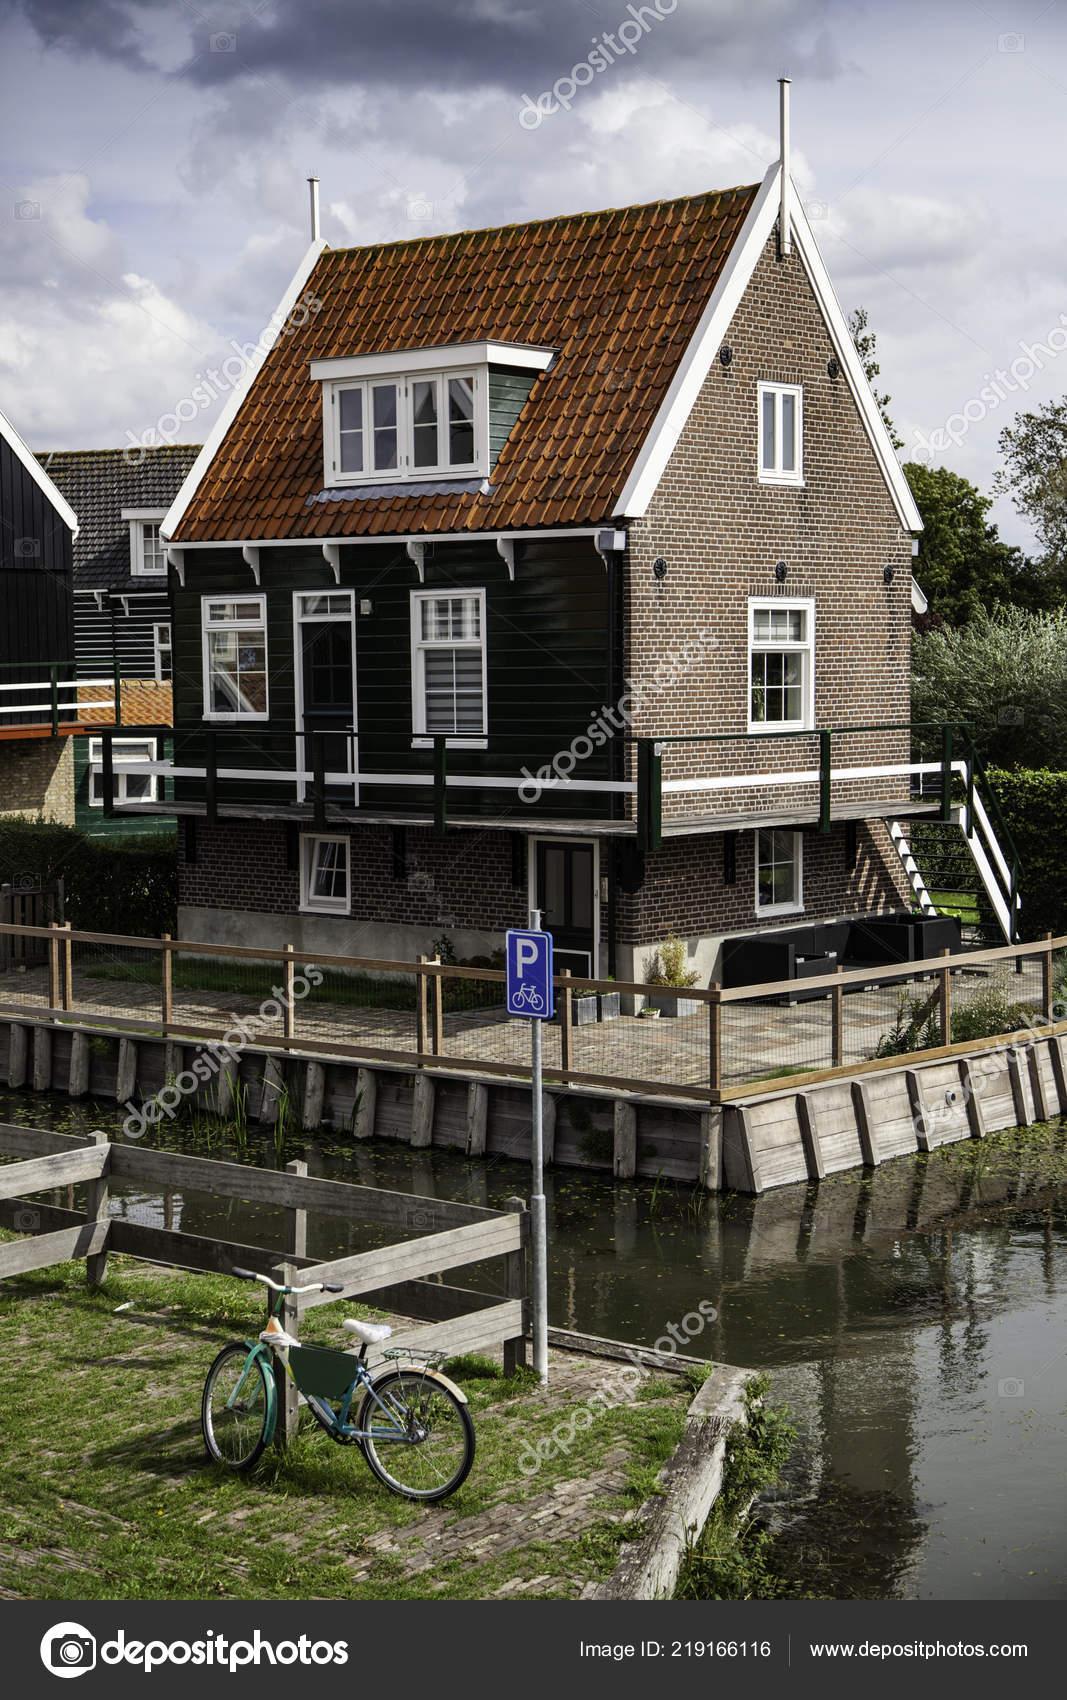 Old Dutch Houses Detail Tourism Europe Stock Photo C Esebene Photo